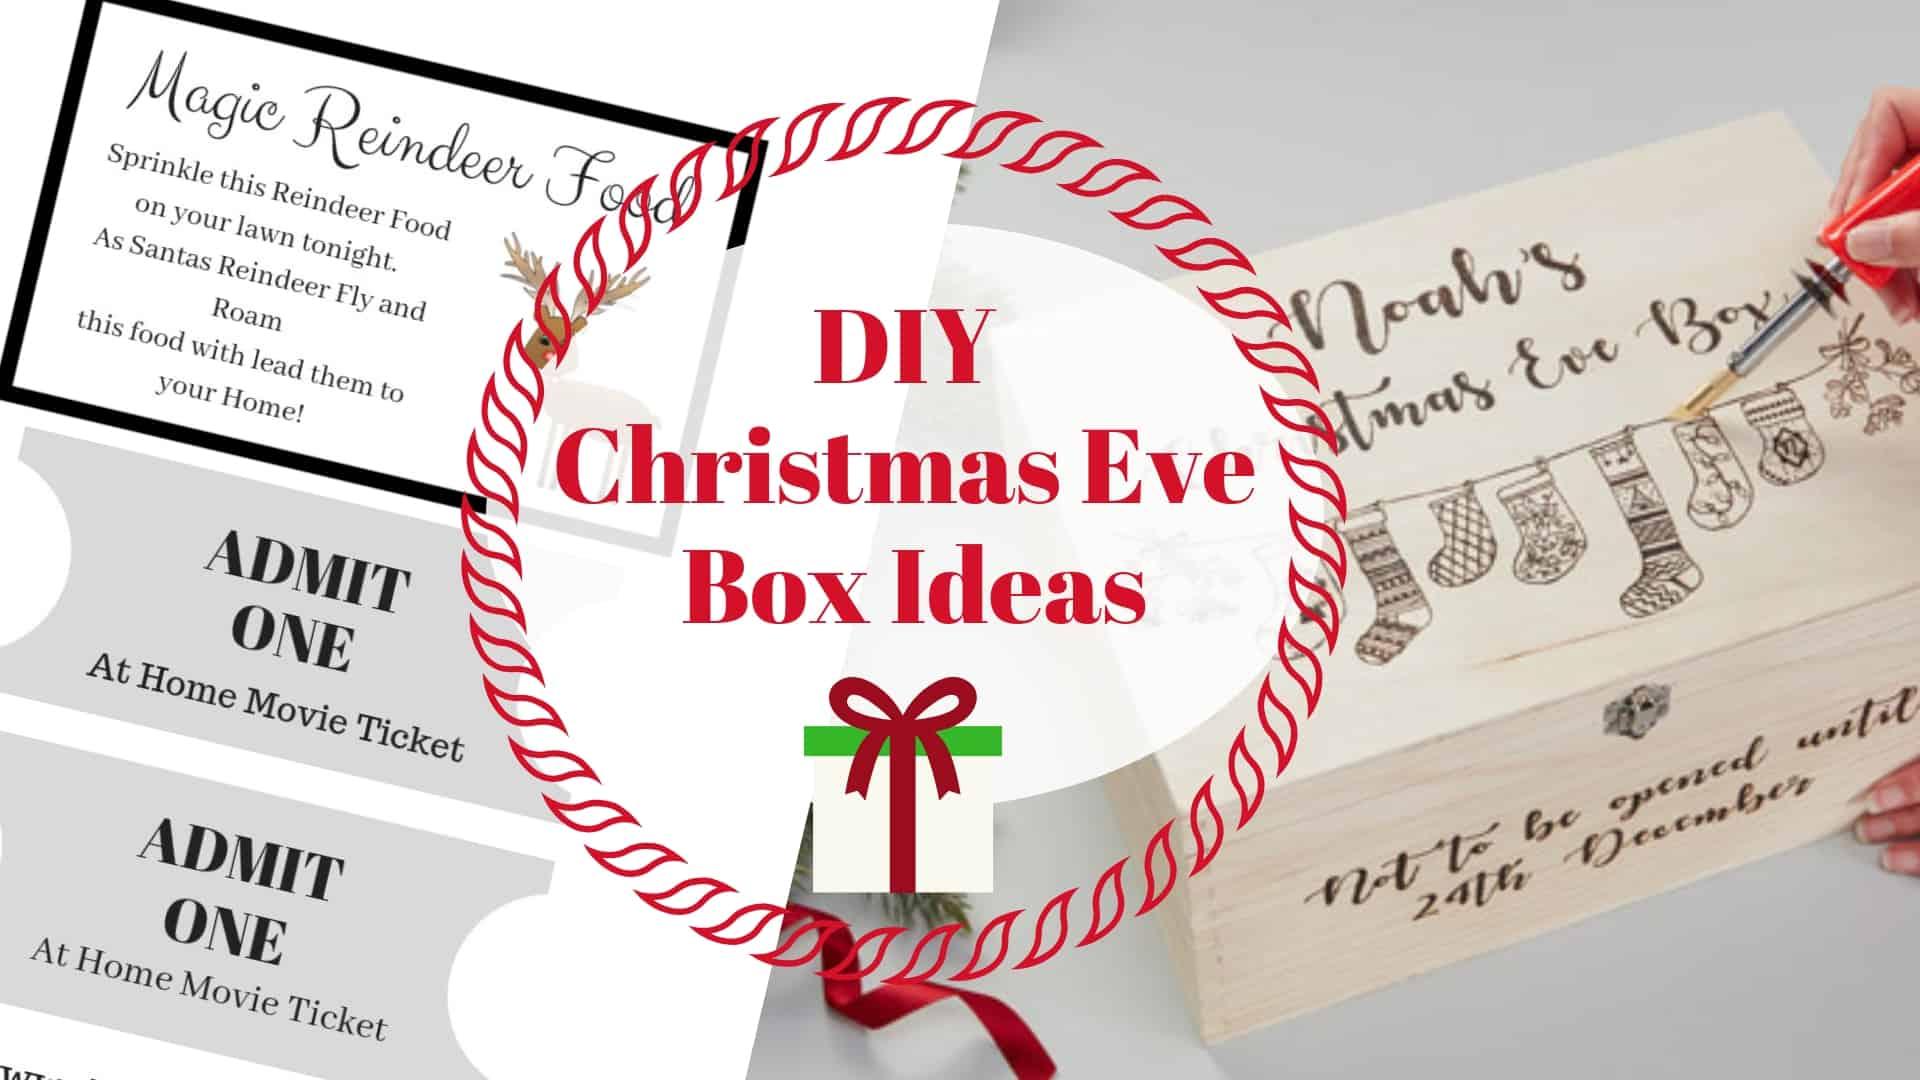 Christmas Eve Boxes Ideas.Diy Christmas Eve Box Ideas Diy Thought